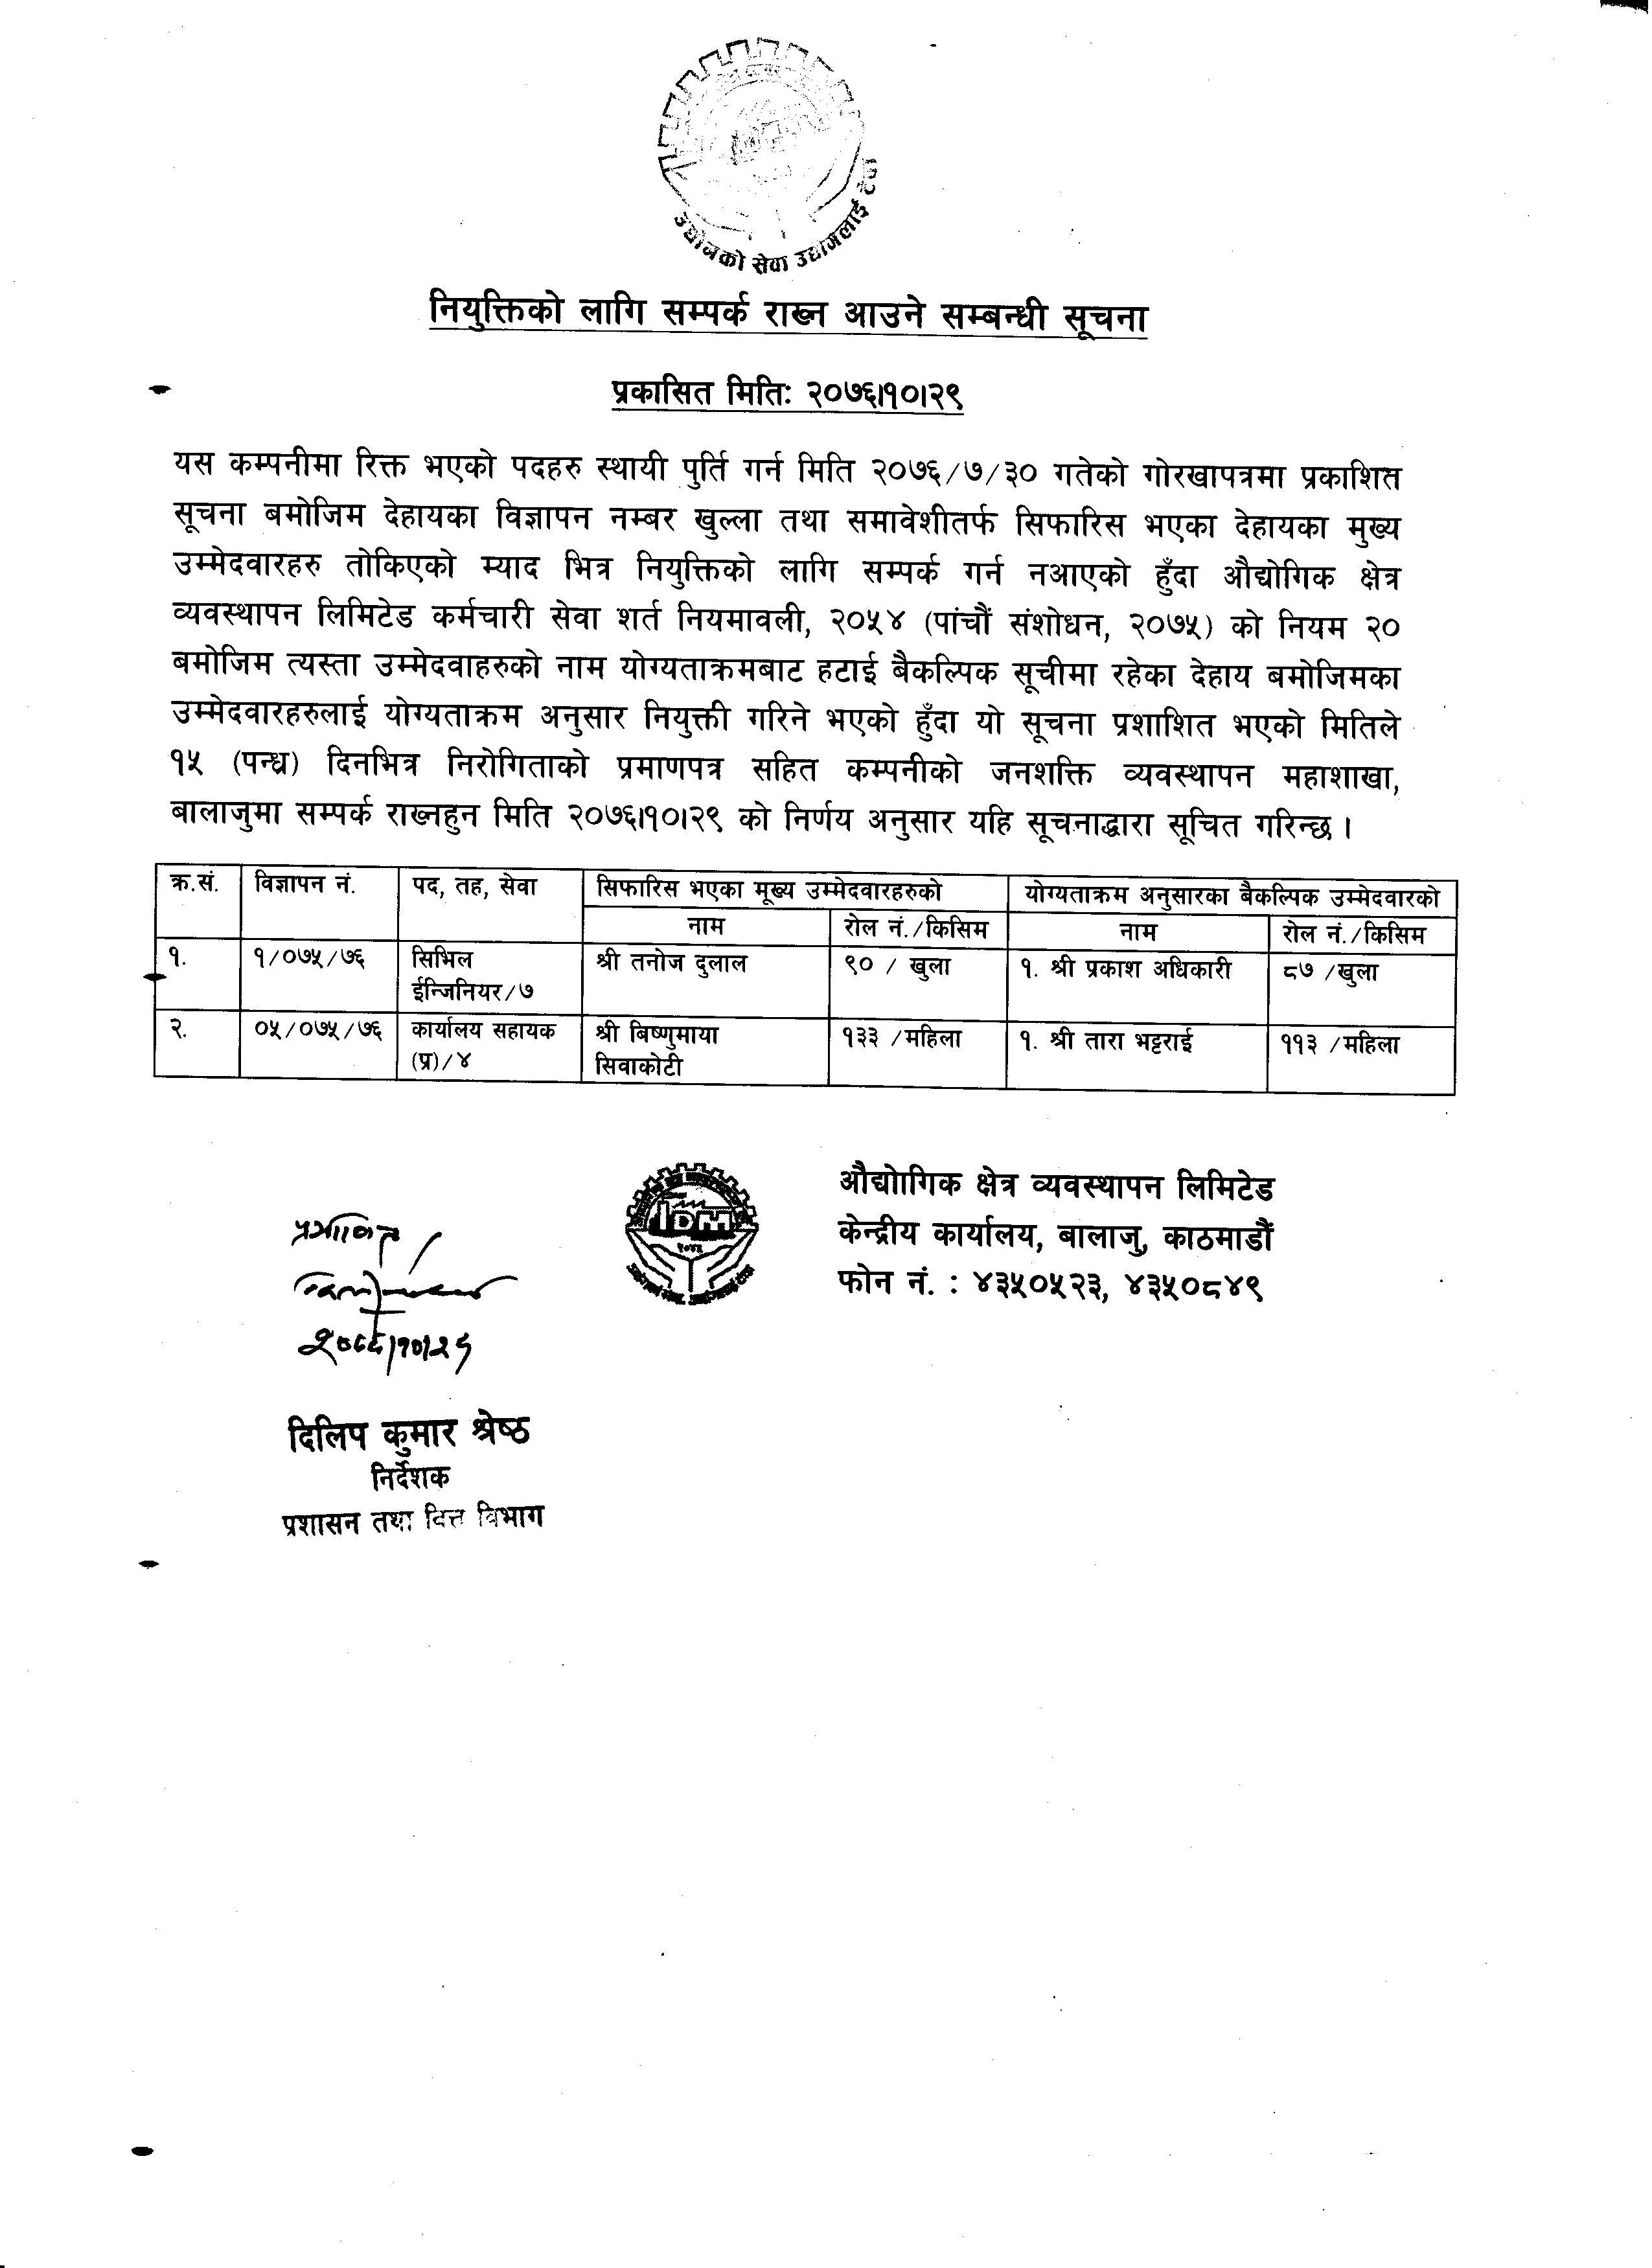 नियुक्ति सम्बन्धी सूचना २०७६-१०-२९